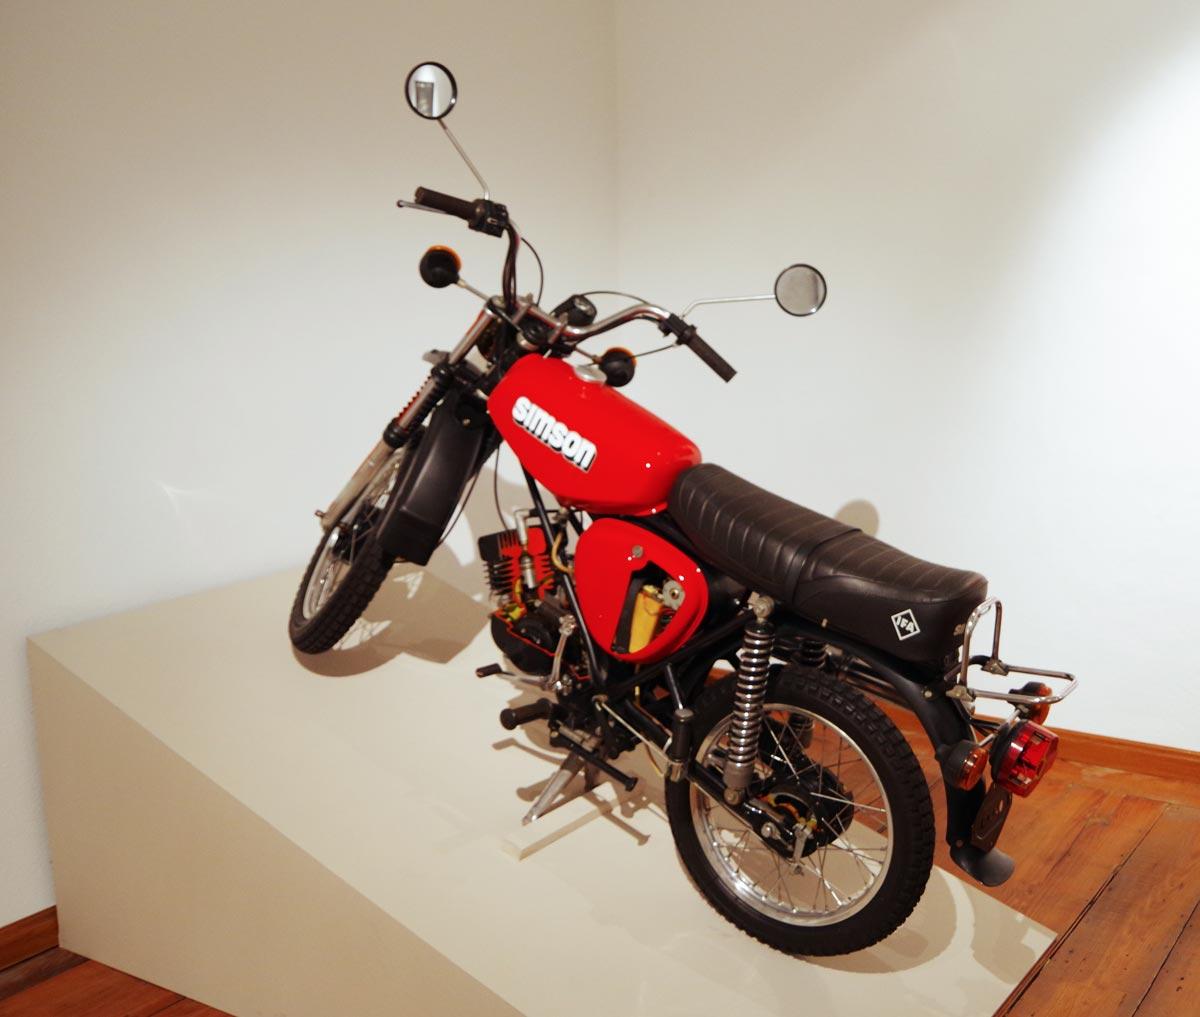 Im VEB Fahrzeug- und Jagdwaffenwerk Suhl beginnt die Serienfertigung des Mokick Simson S 50 B. Das sportliche Zweirad wird ein großer Erfolg. Aus der Zusammenarbeit mit dem Fahrzeughersteller, die 1975 beginnt und 1988 endet, entstehen eine Reihe von Mopeds und Motorrollern.